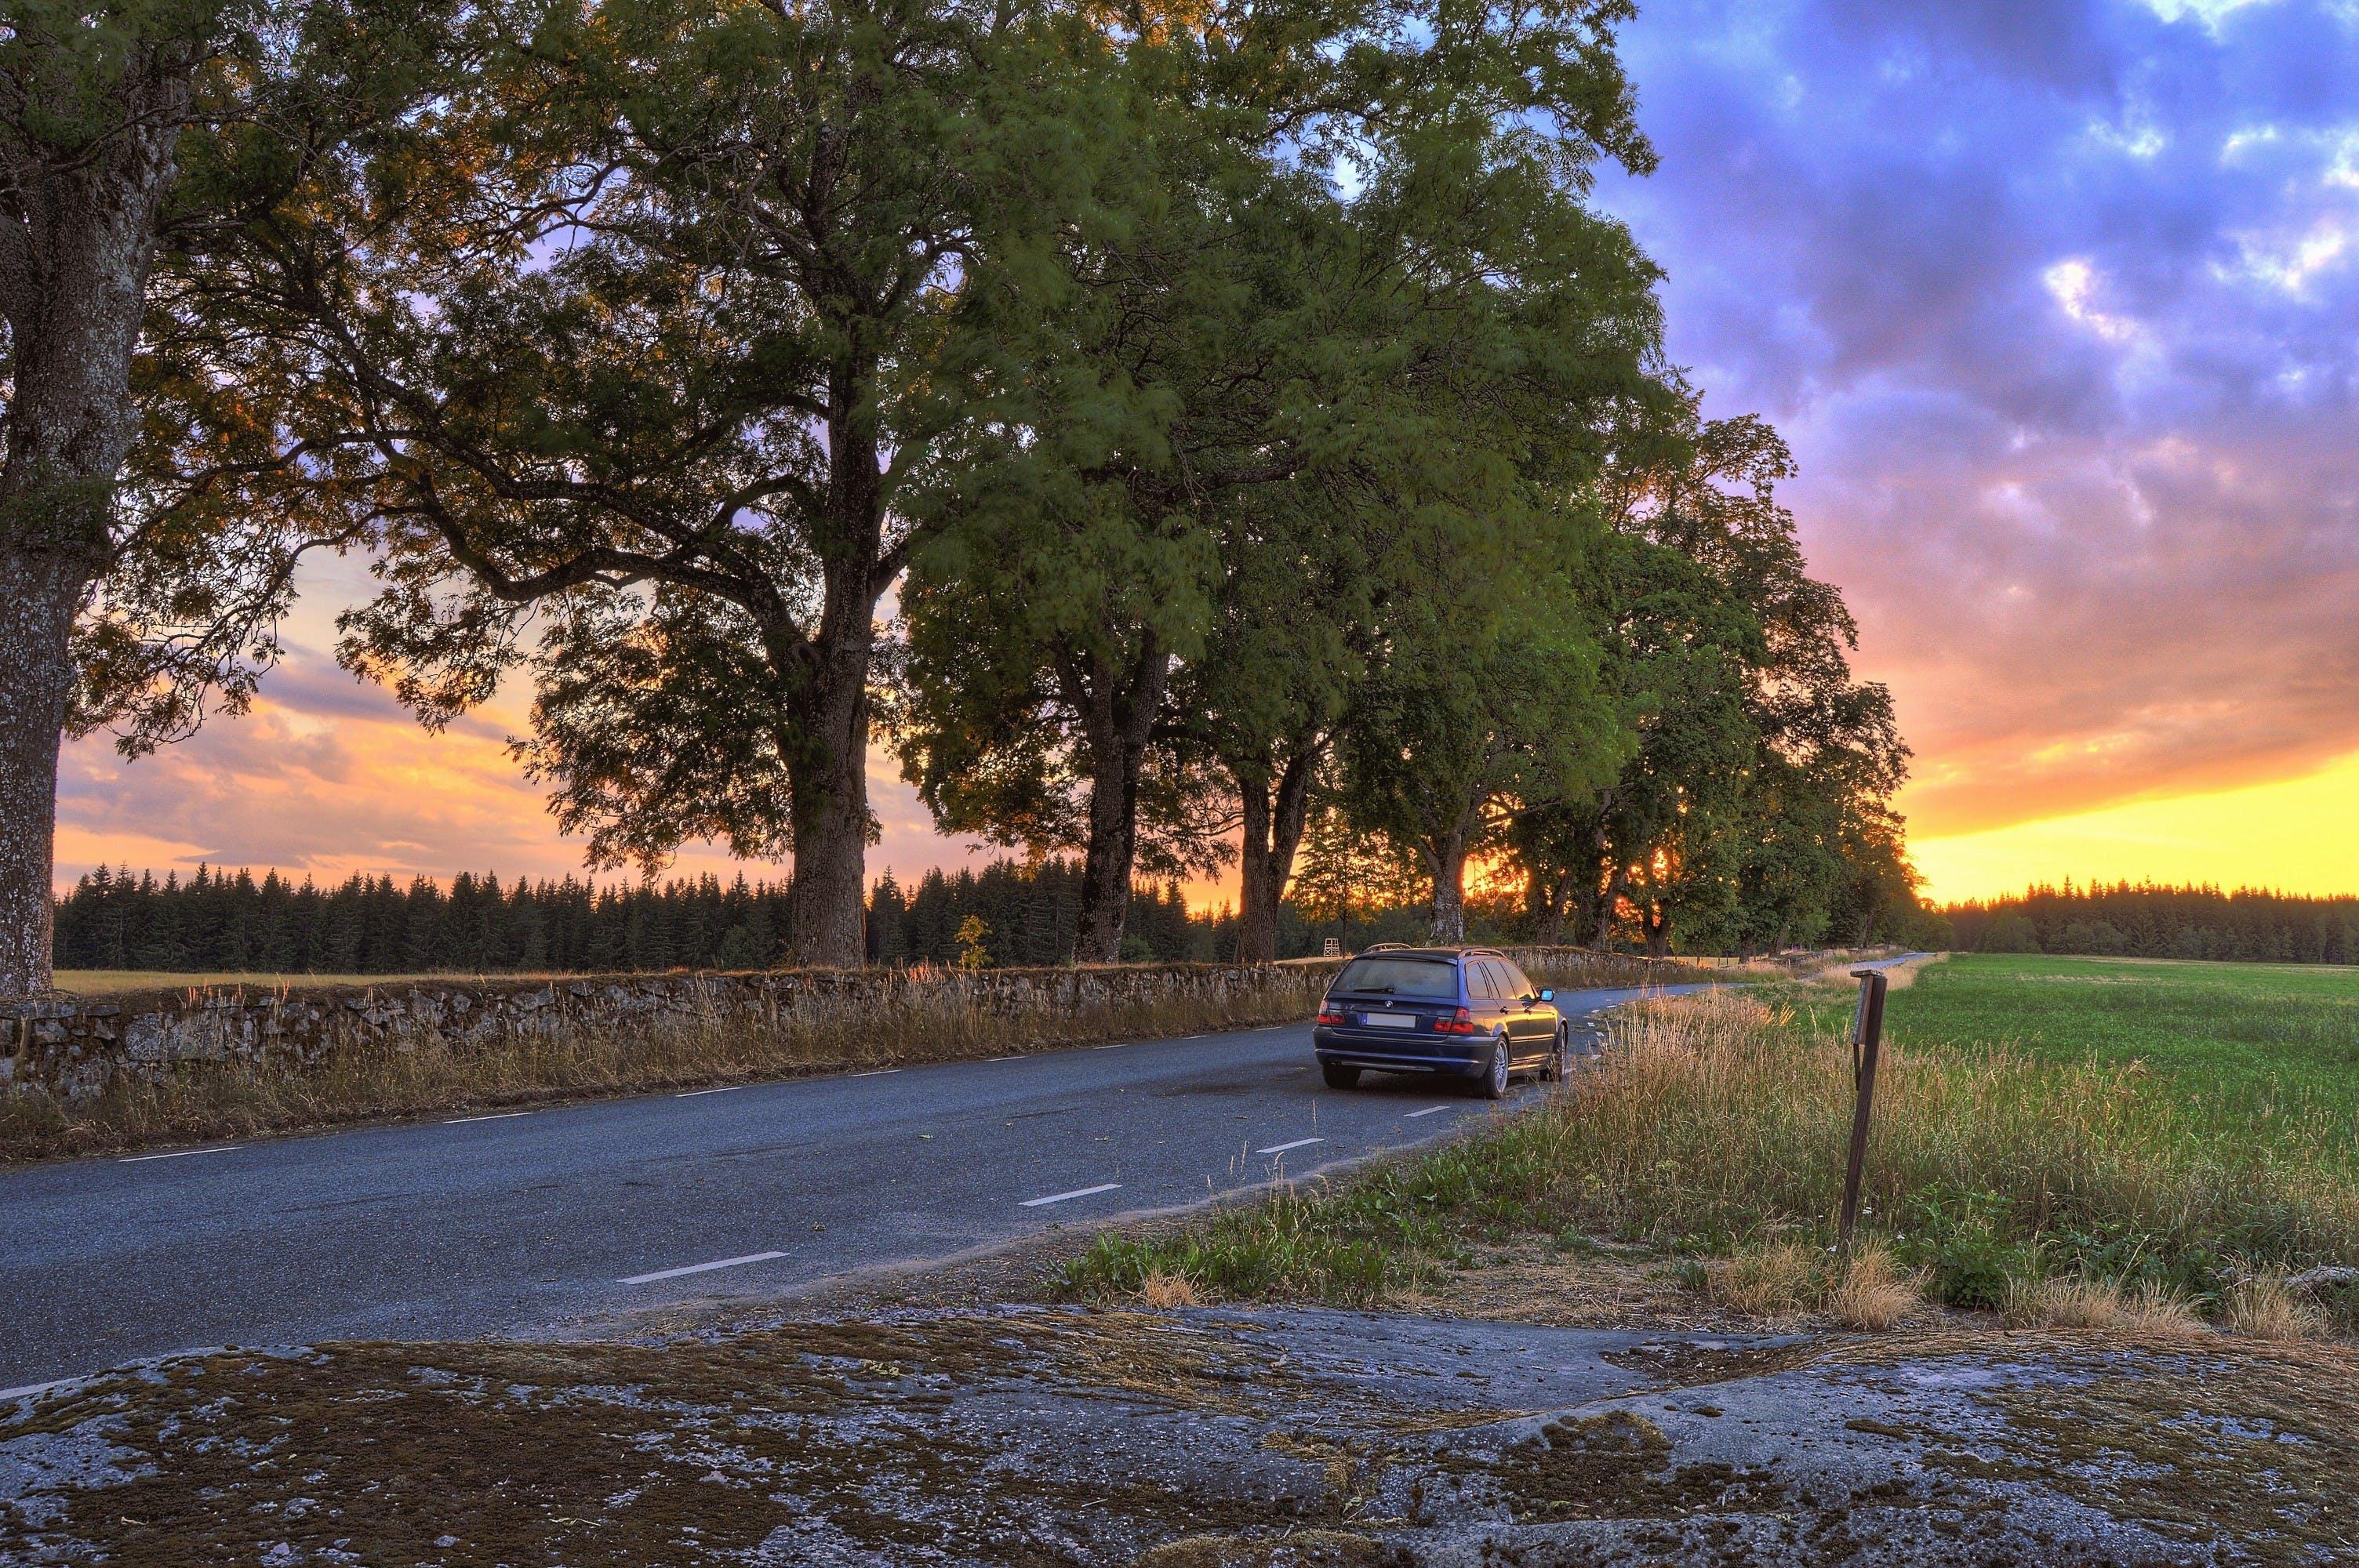 Hatchback On Road During Sunset